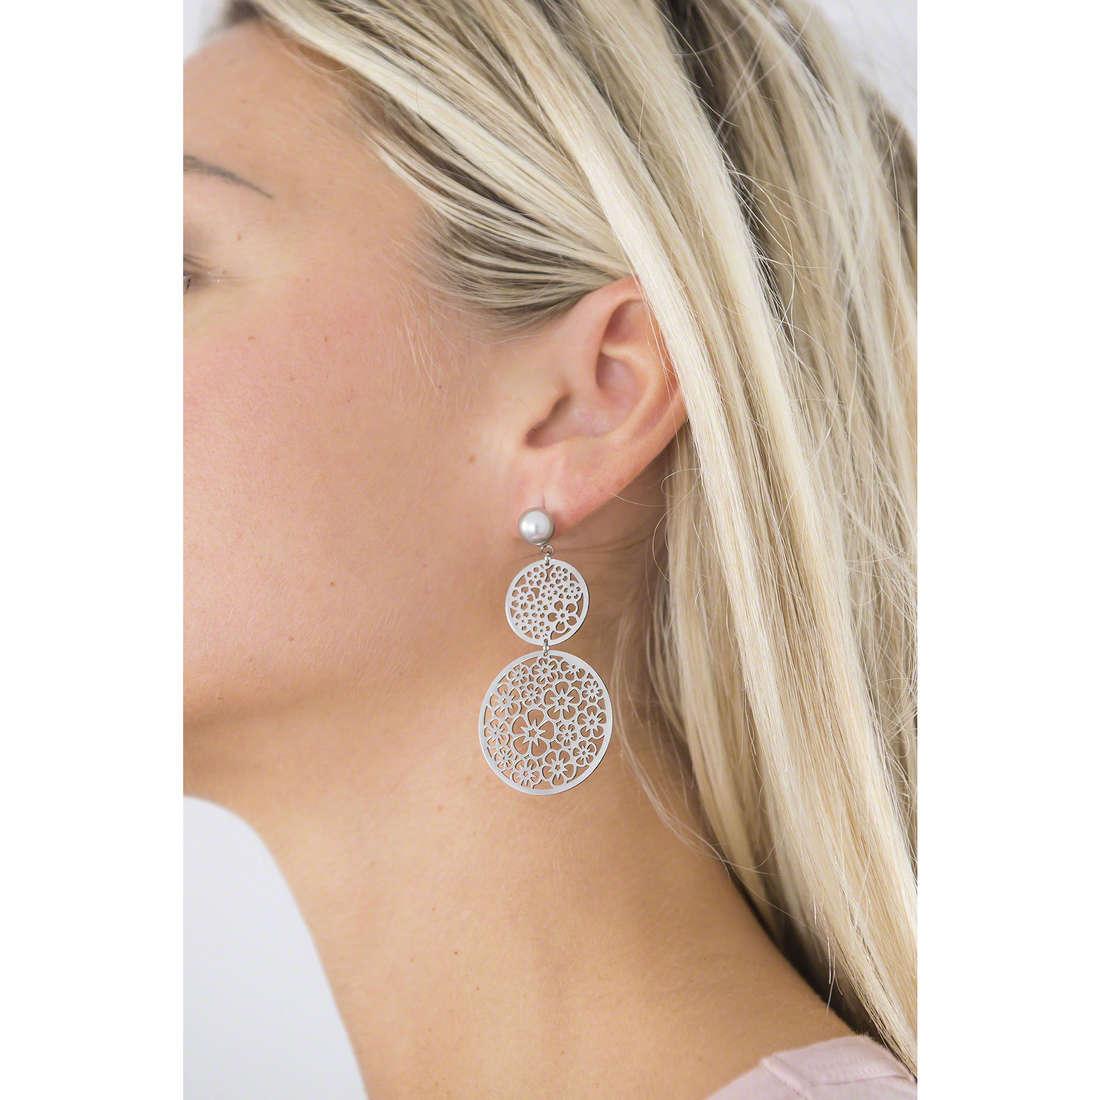 Brosway orecchini Mademoiselle donna BIS22 indosso